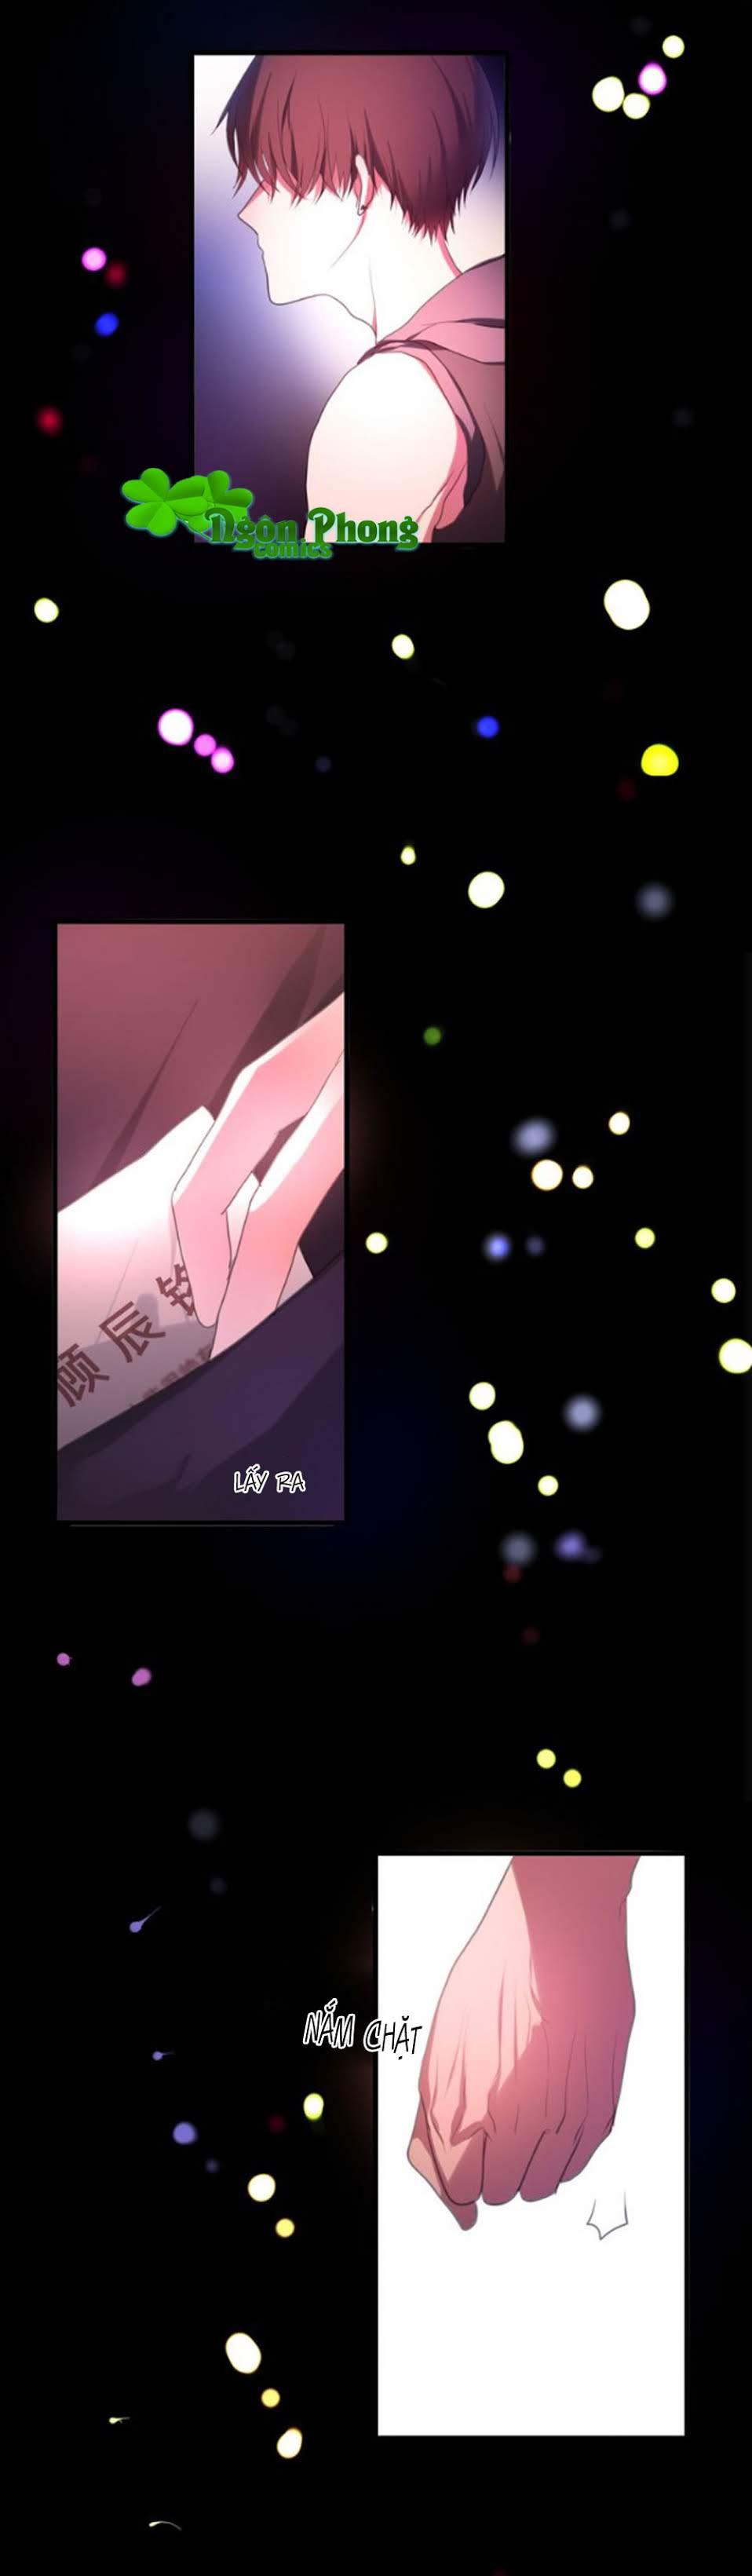 Tháng Sáu Kì Diệu Chap 48 Upload bởi Truyentranhmoi.net